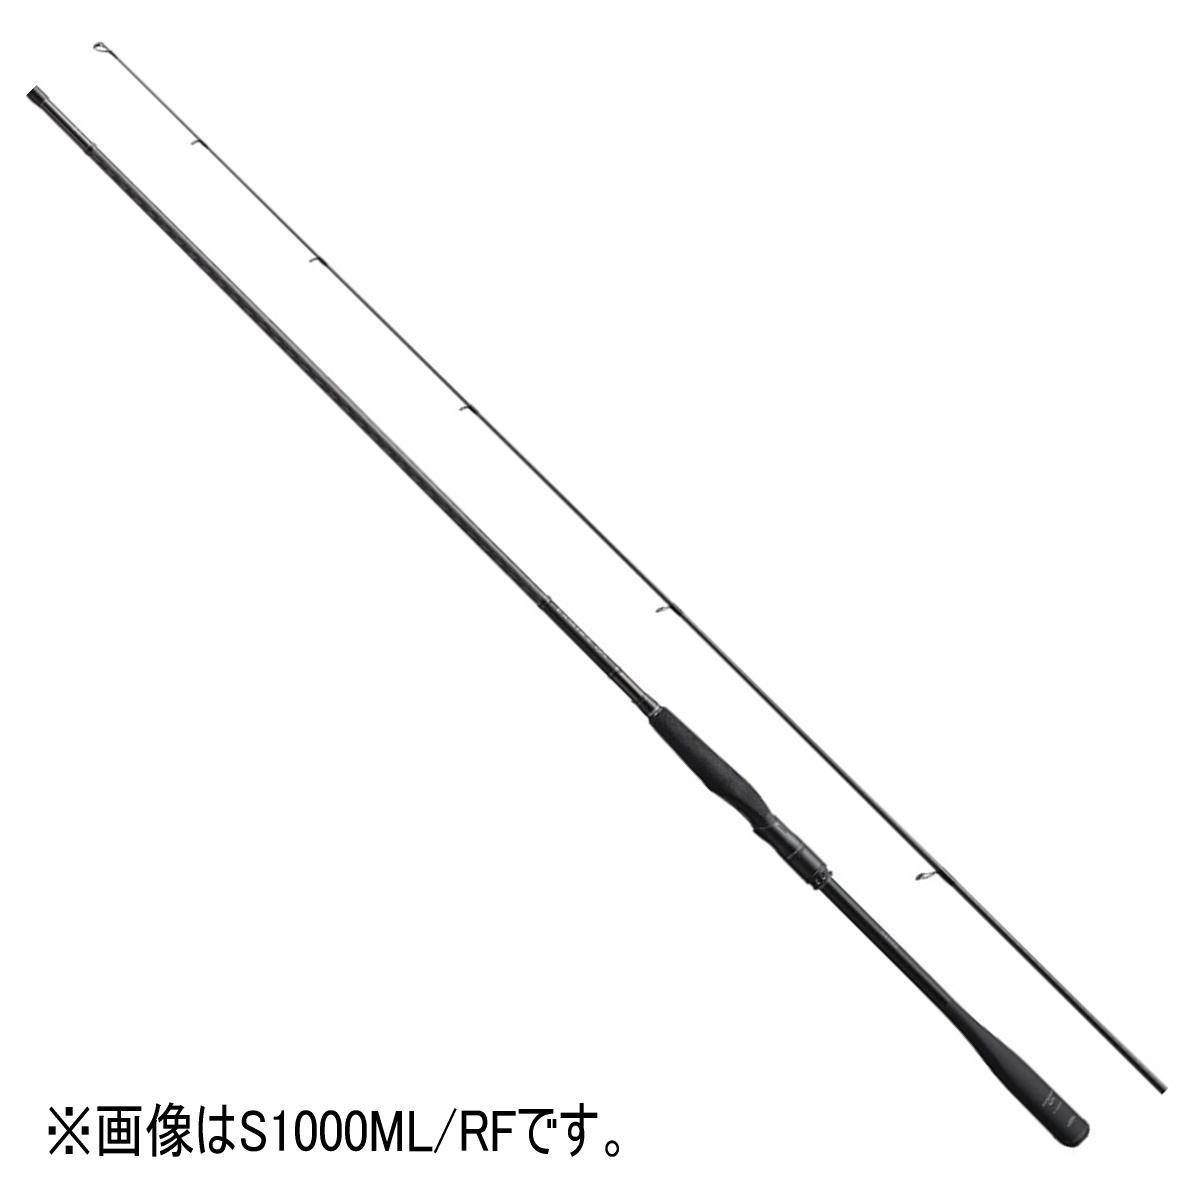 【送料込み6】シマノ ロッド S1000M/RF '18 エクスセンス インフィニティ S1000M ロッド/RF, barce:f50d86da --- officewill.xsrv.jp